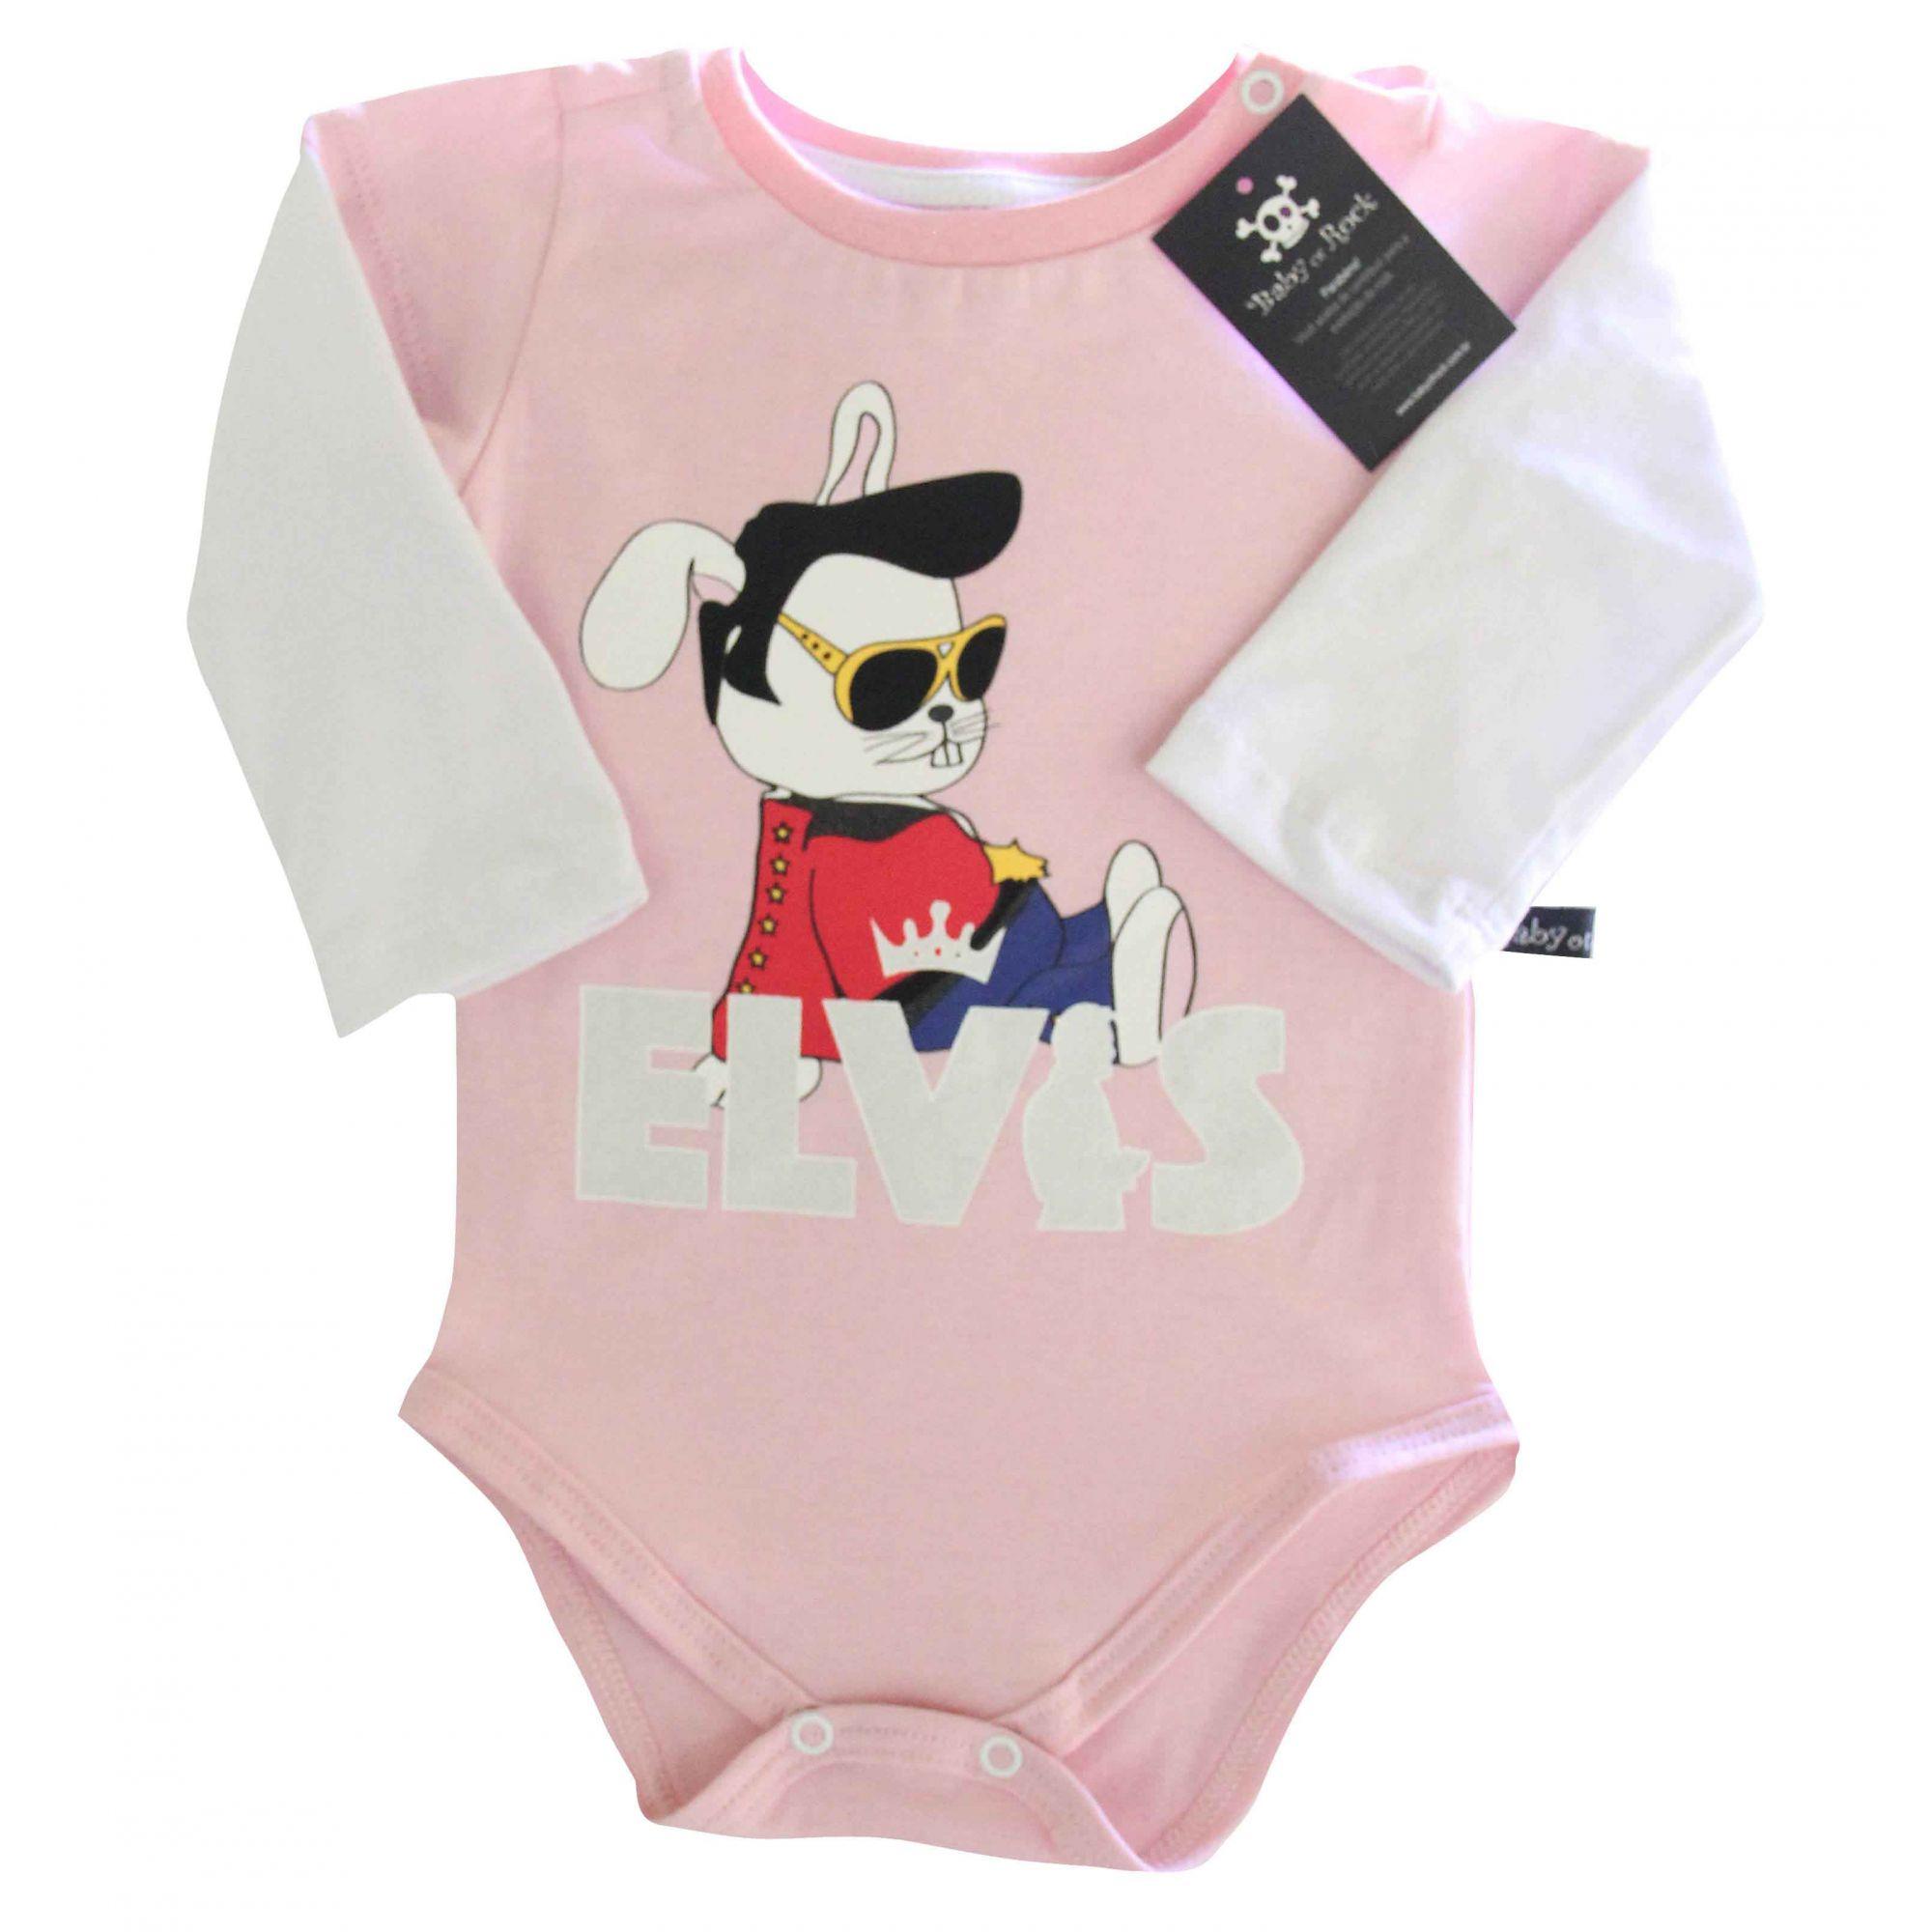 Body  Elvis Rosa -  Manga longa  - Baby Monster S/A